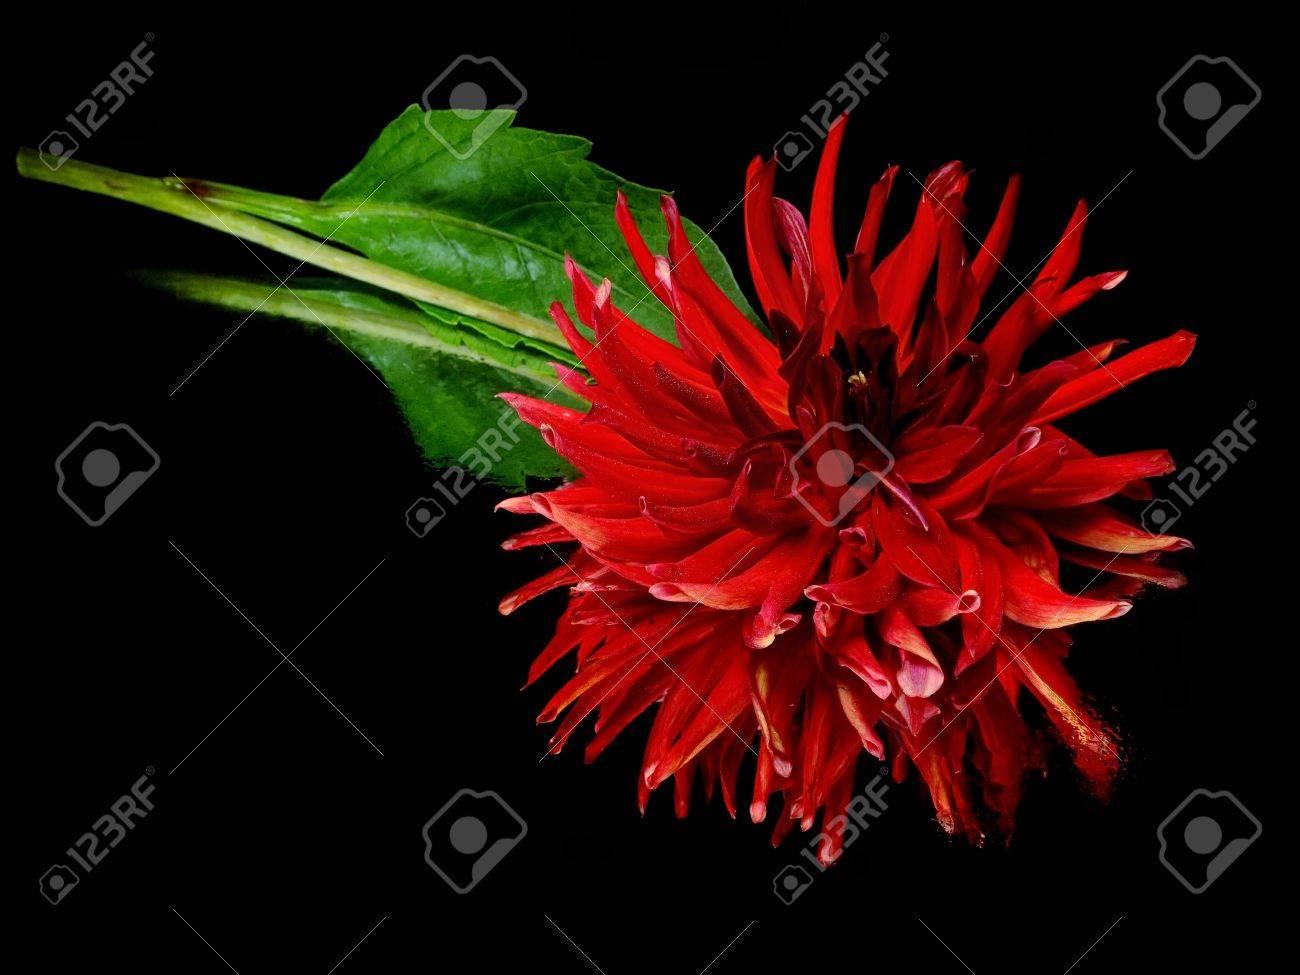 Dark red dahlia flower on a black background with water drops stock dark red dahlia flower on a black background with water drops stock photo 11114616 izmirmasajfo